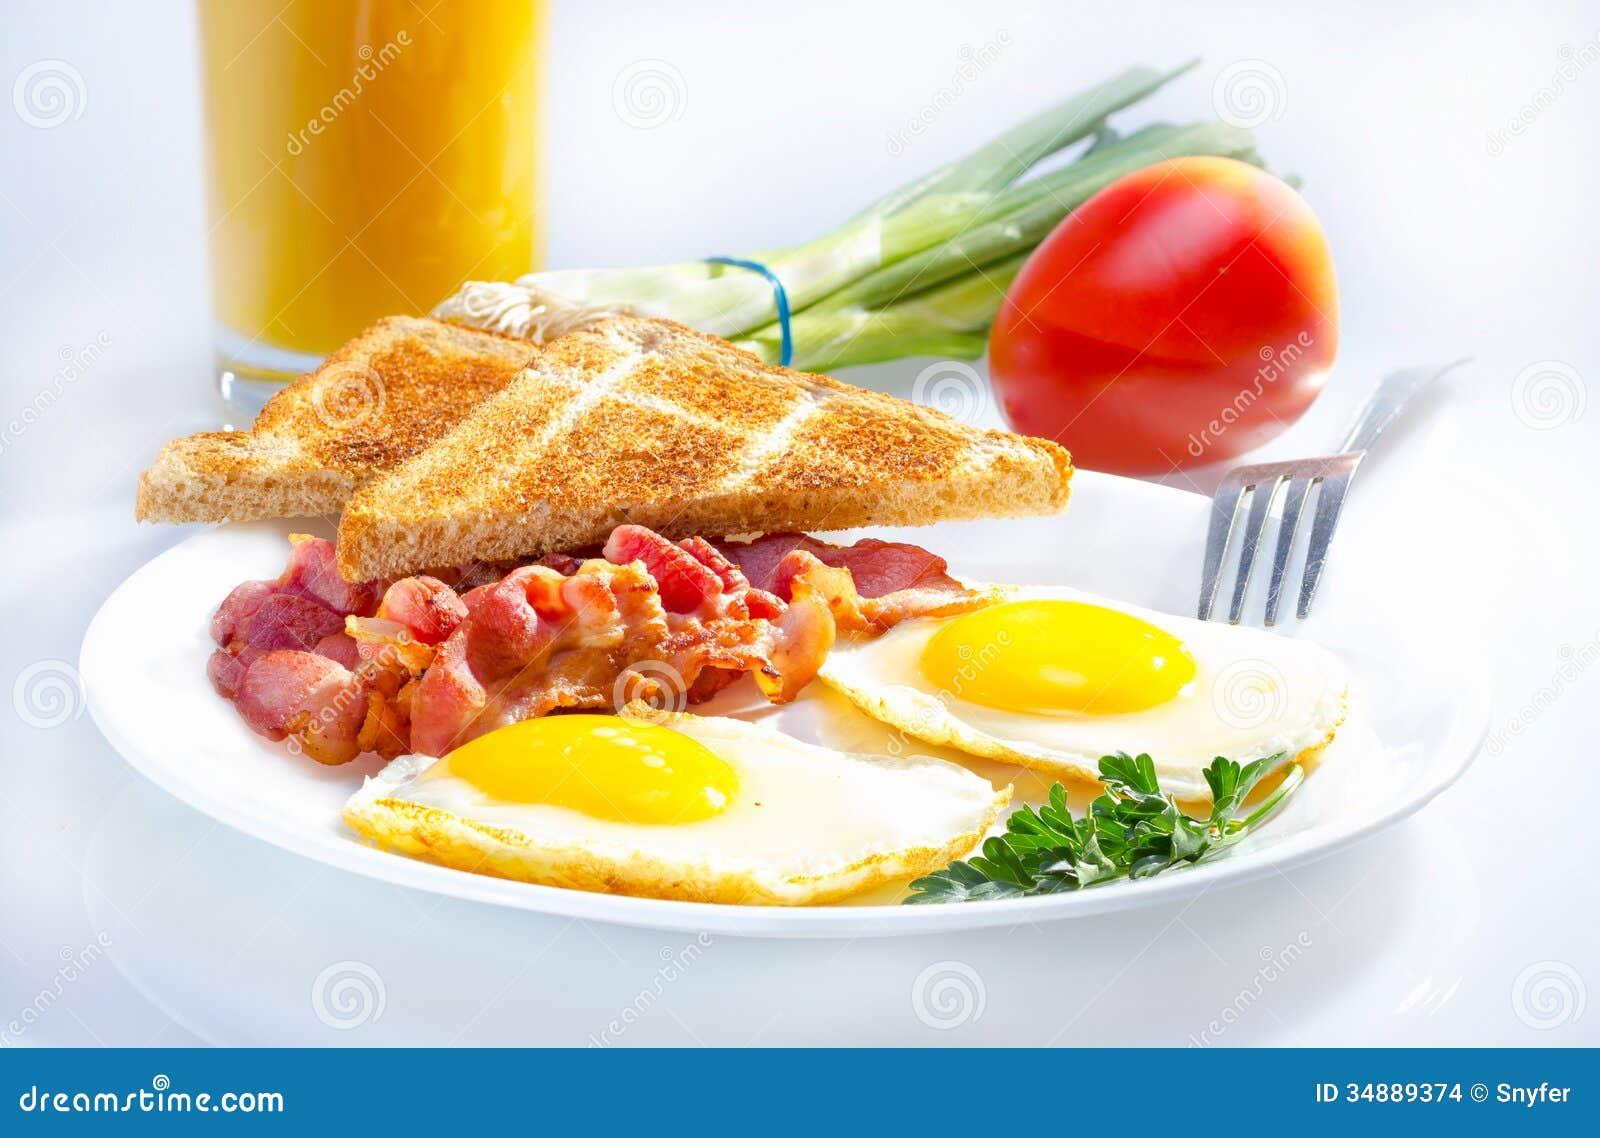 Continentaal ontbijt.